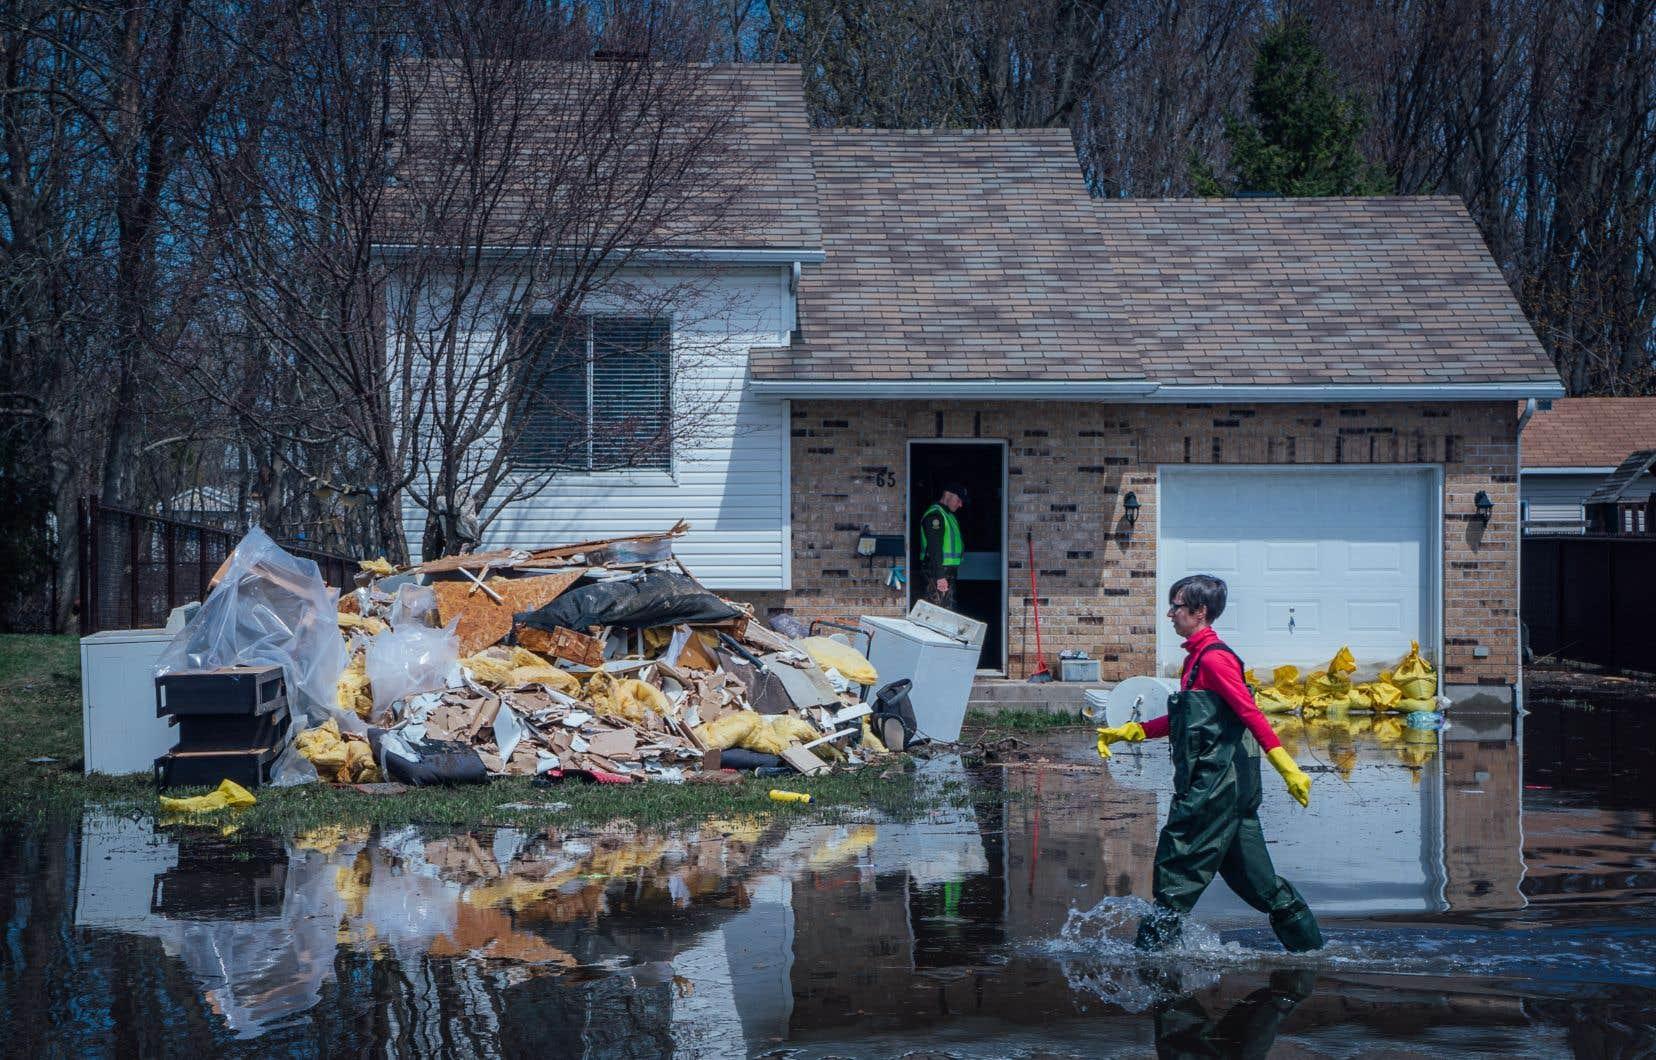 Les inondations printanières (sur la photo, celles de Sainte-Marthe-sur-le-lac au printemps dernier) et les pluies torrentielles ont représenté 80% des événements météorologiques qui se sont qualifiés pour un financement fédéral au cours des trois dernières années.